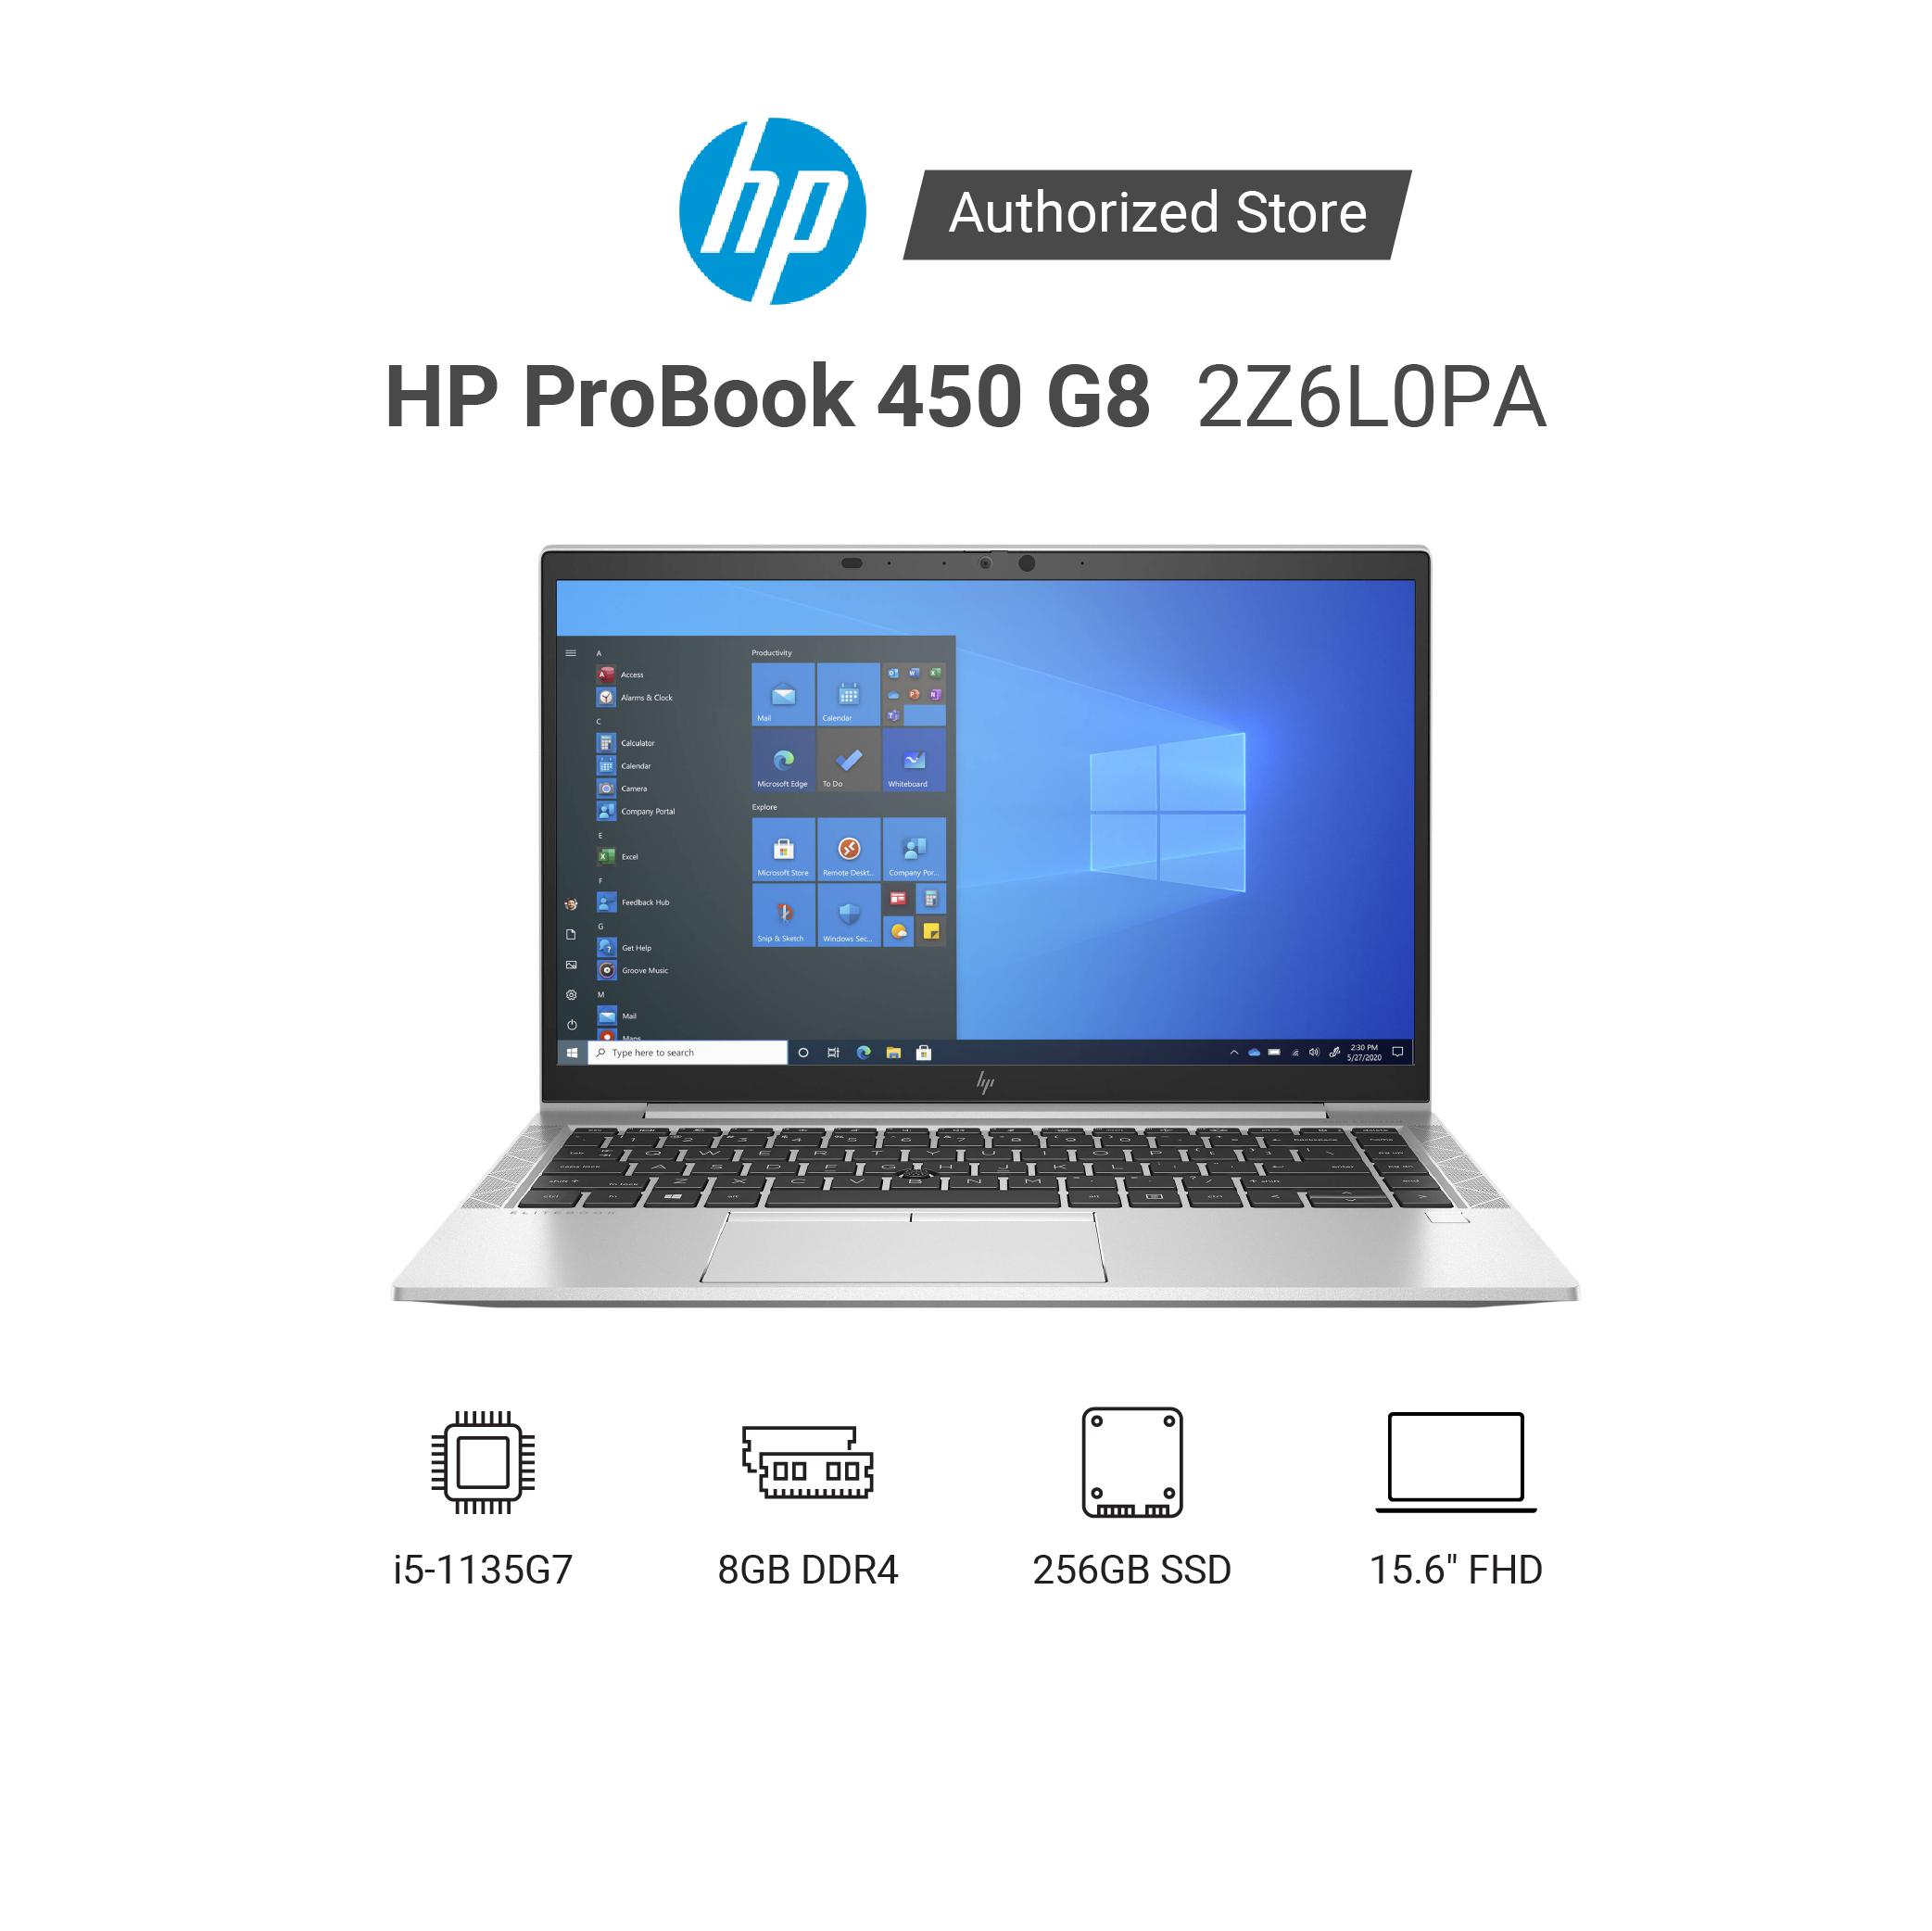 Laptop HP ProBook 450 G8 2Z6L0PA i5-1135G7 | RAM 8GB | 256GB SSD | NVIDIA Geforce MX450 2GB | 15.6 inch FHD | FreeDOS